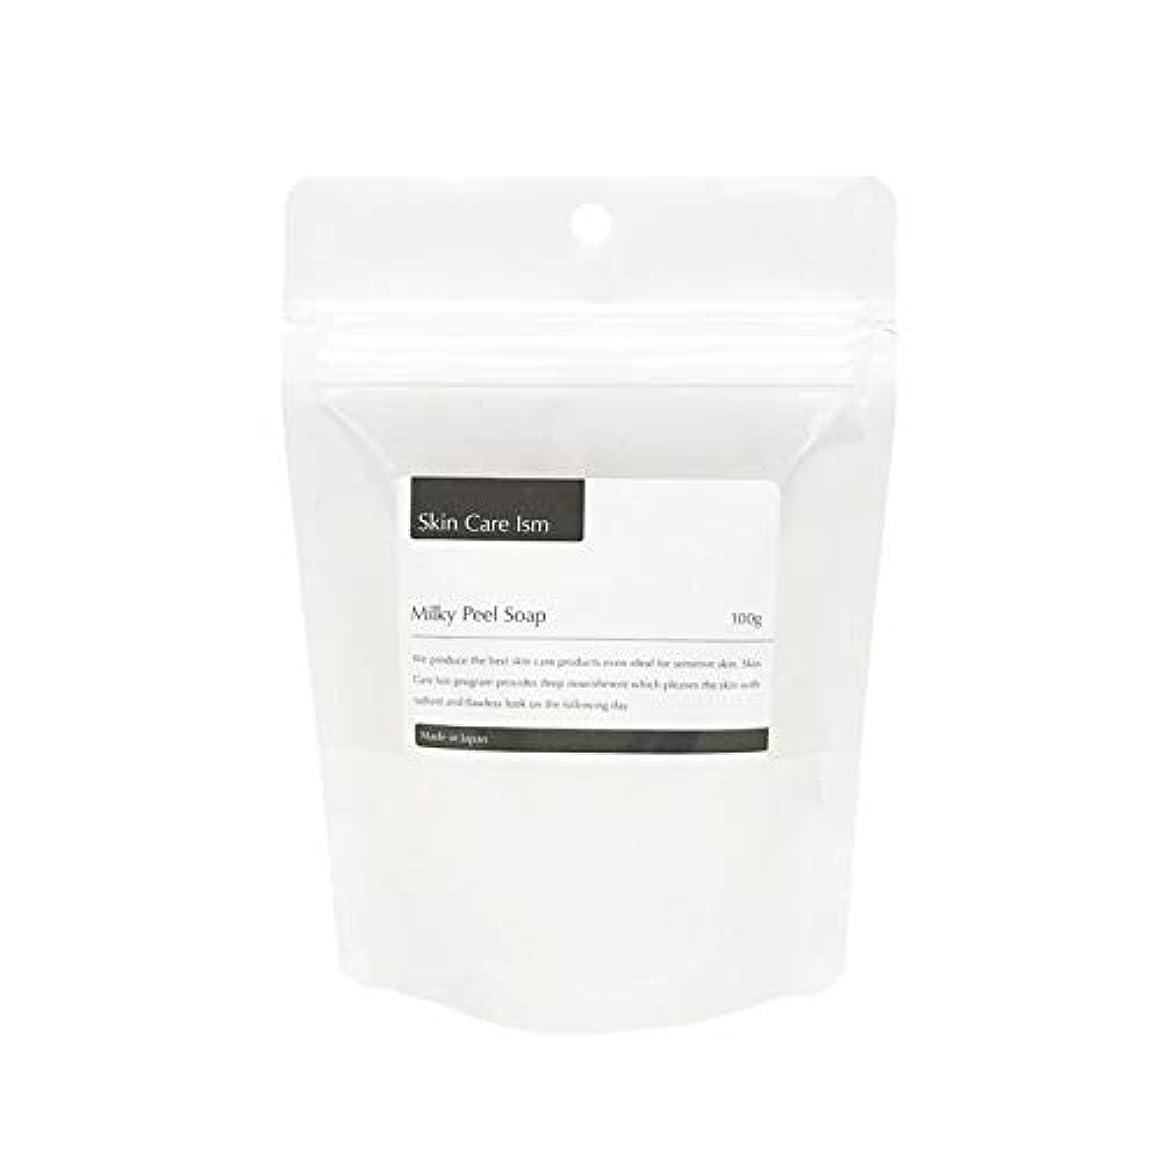 あえてメディカル地下室【Skin Care Ism / Milky Peel Soap】スキンケアイズム?ミルキーピールソープ